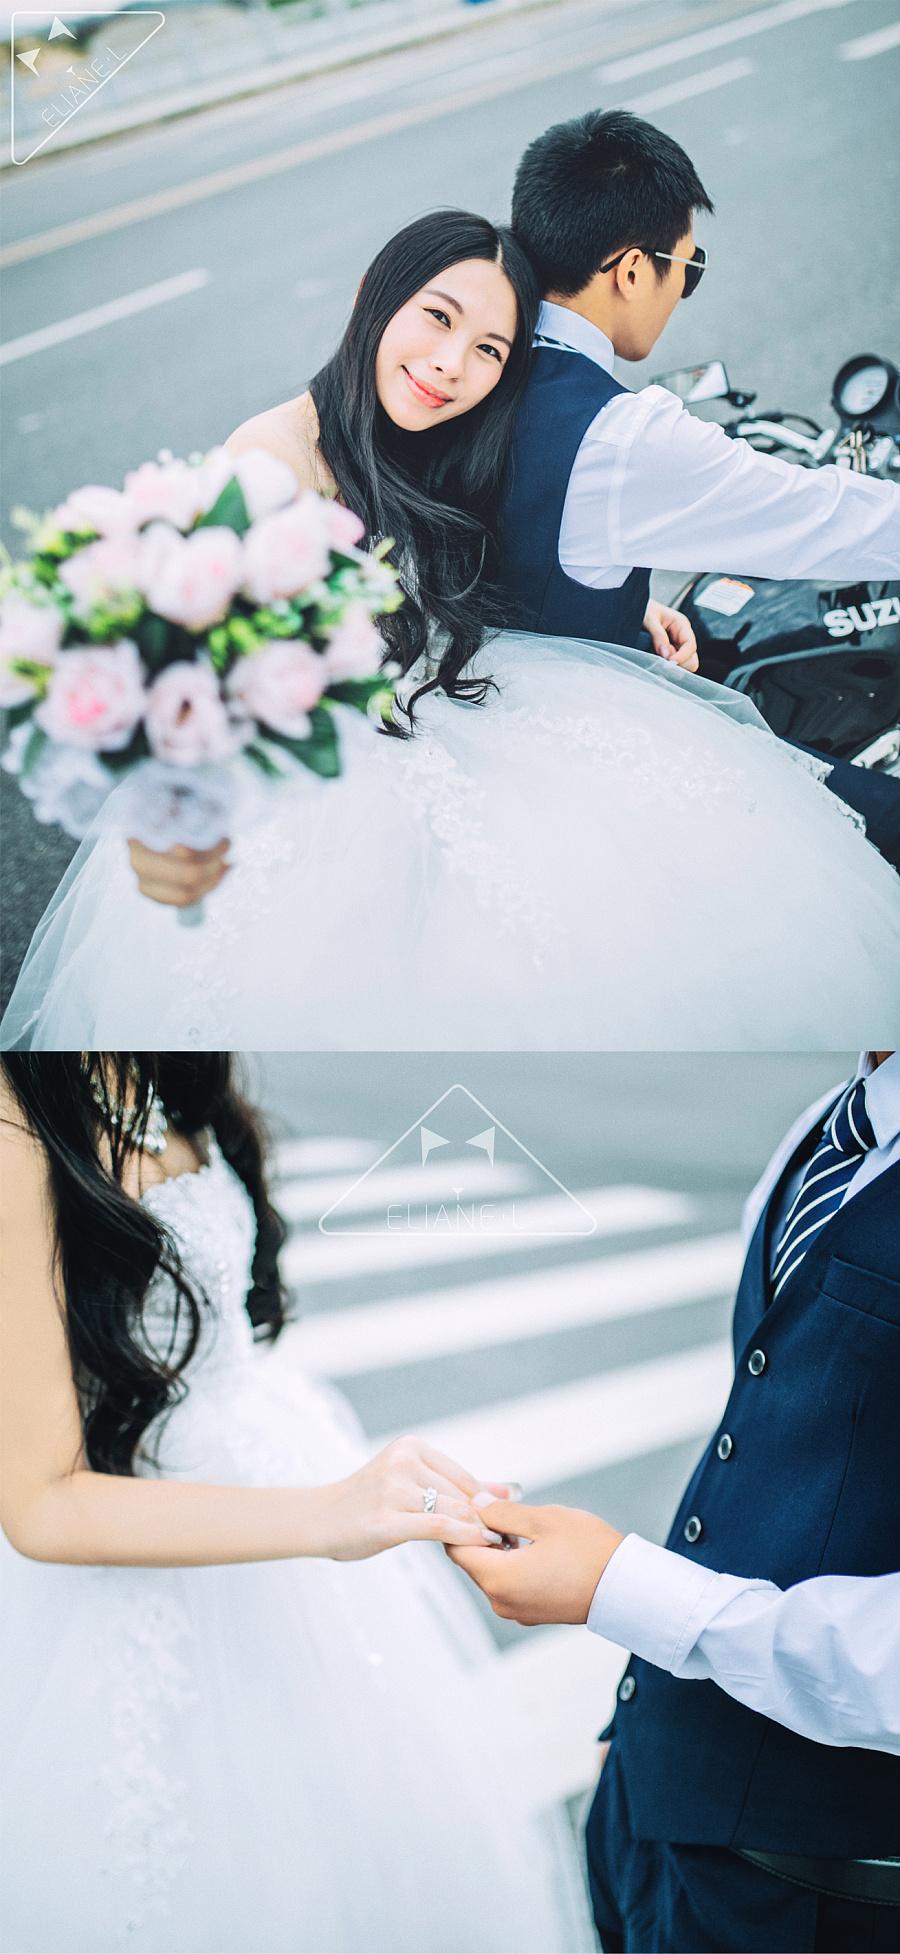 从校服到婚纱